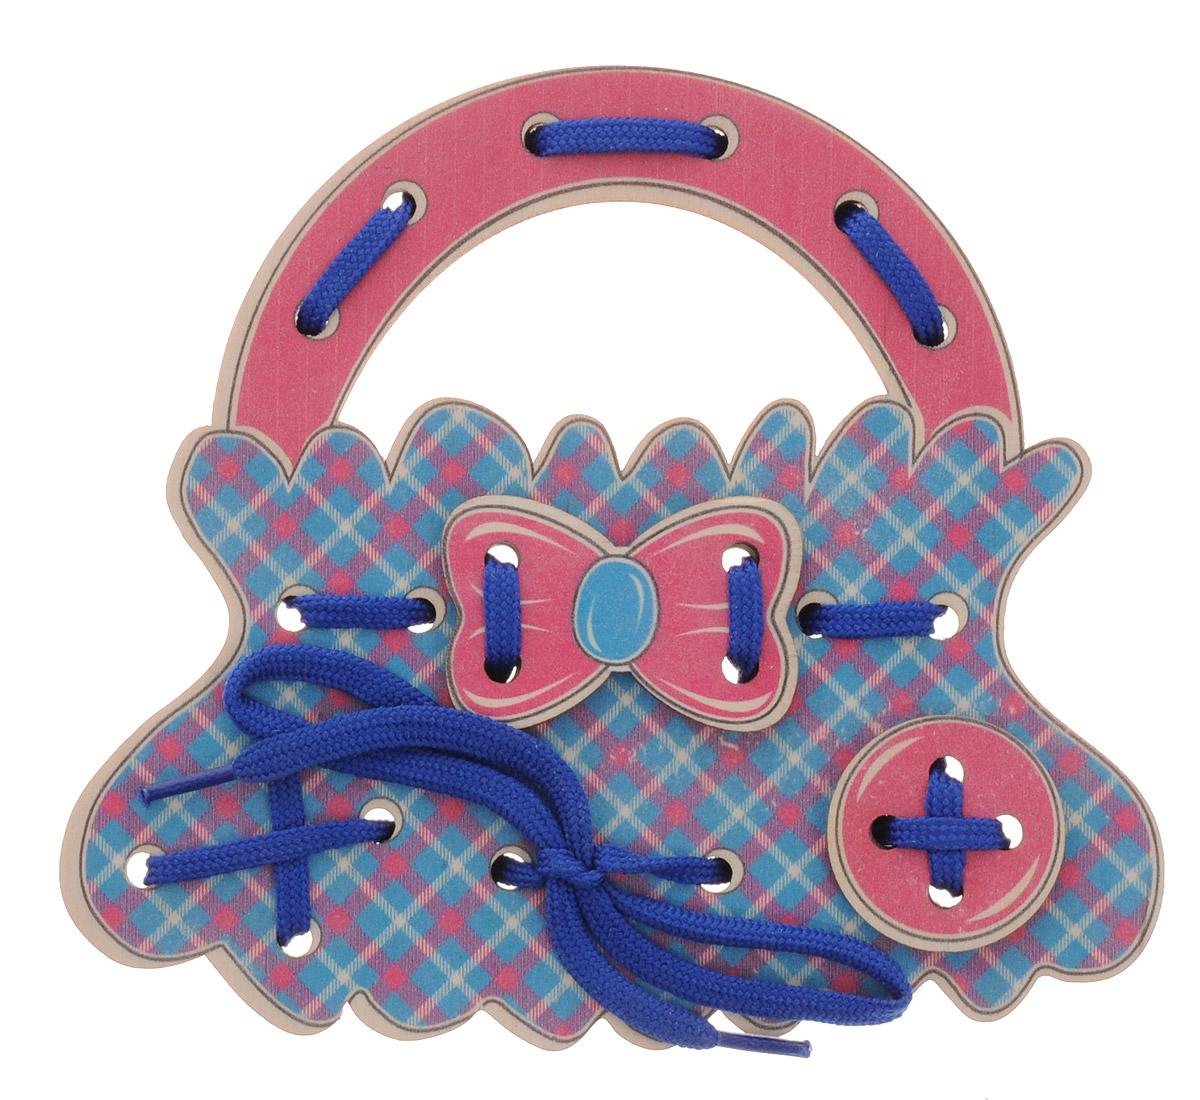 Развивающие деревянные игрушки Шнуровка Сумочка шотландкаД471аШнуровка Развивающие деревянные игрушки выполнена в виде сумочки для маленьких модниц. Играя с этой шнуровкой ребенок научится шнуровать и завязывать шнурочки на бантик. Игрушка поможет ребенку развить воображение, научиться компоновать и привязывать различные элементы друг к другу, создавая свой модный детский аксессуар. Шнуровка - незаменимая игрушка для развития мелкой моторики. А шнуровка в виде веселой игры станет для ребенка самым любимым развлечением.